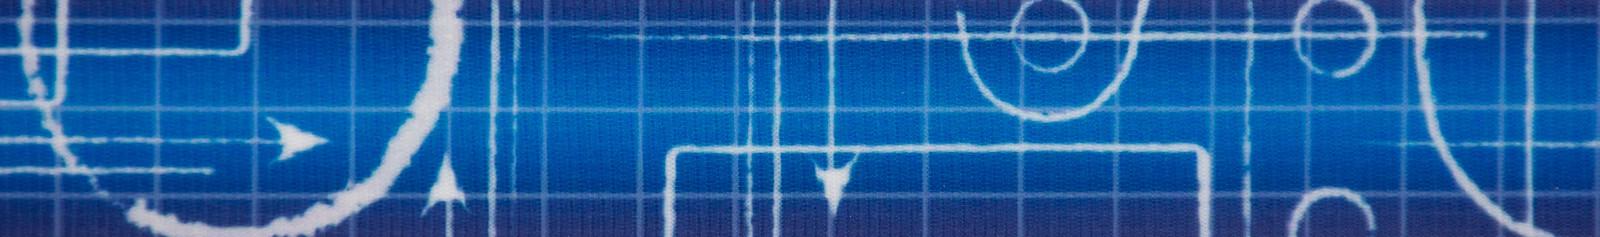 Buy acme blueprint grosgrain ribbon online for Buy blueprints online